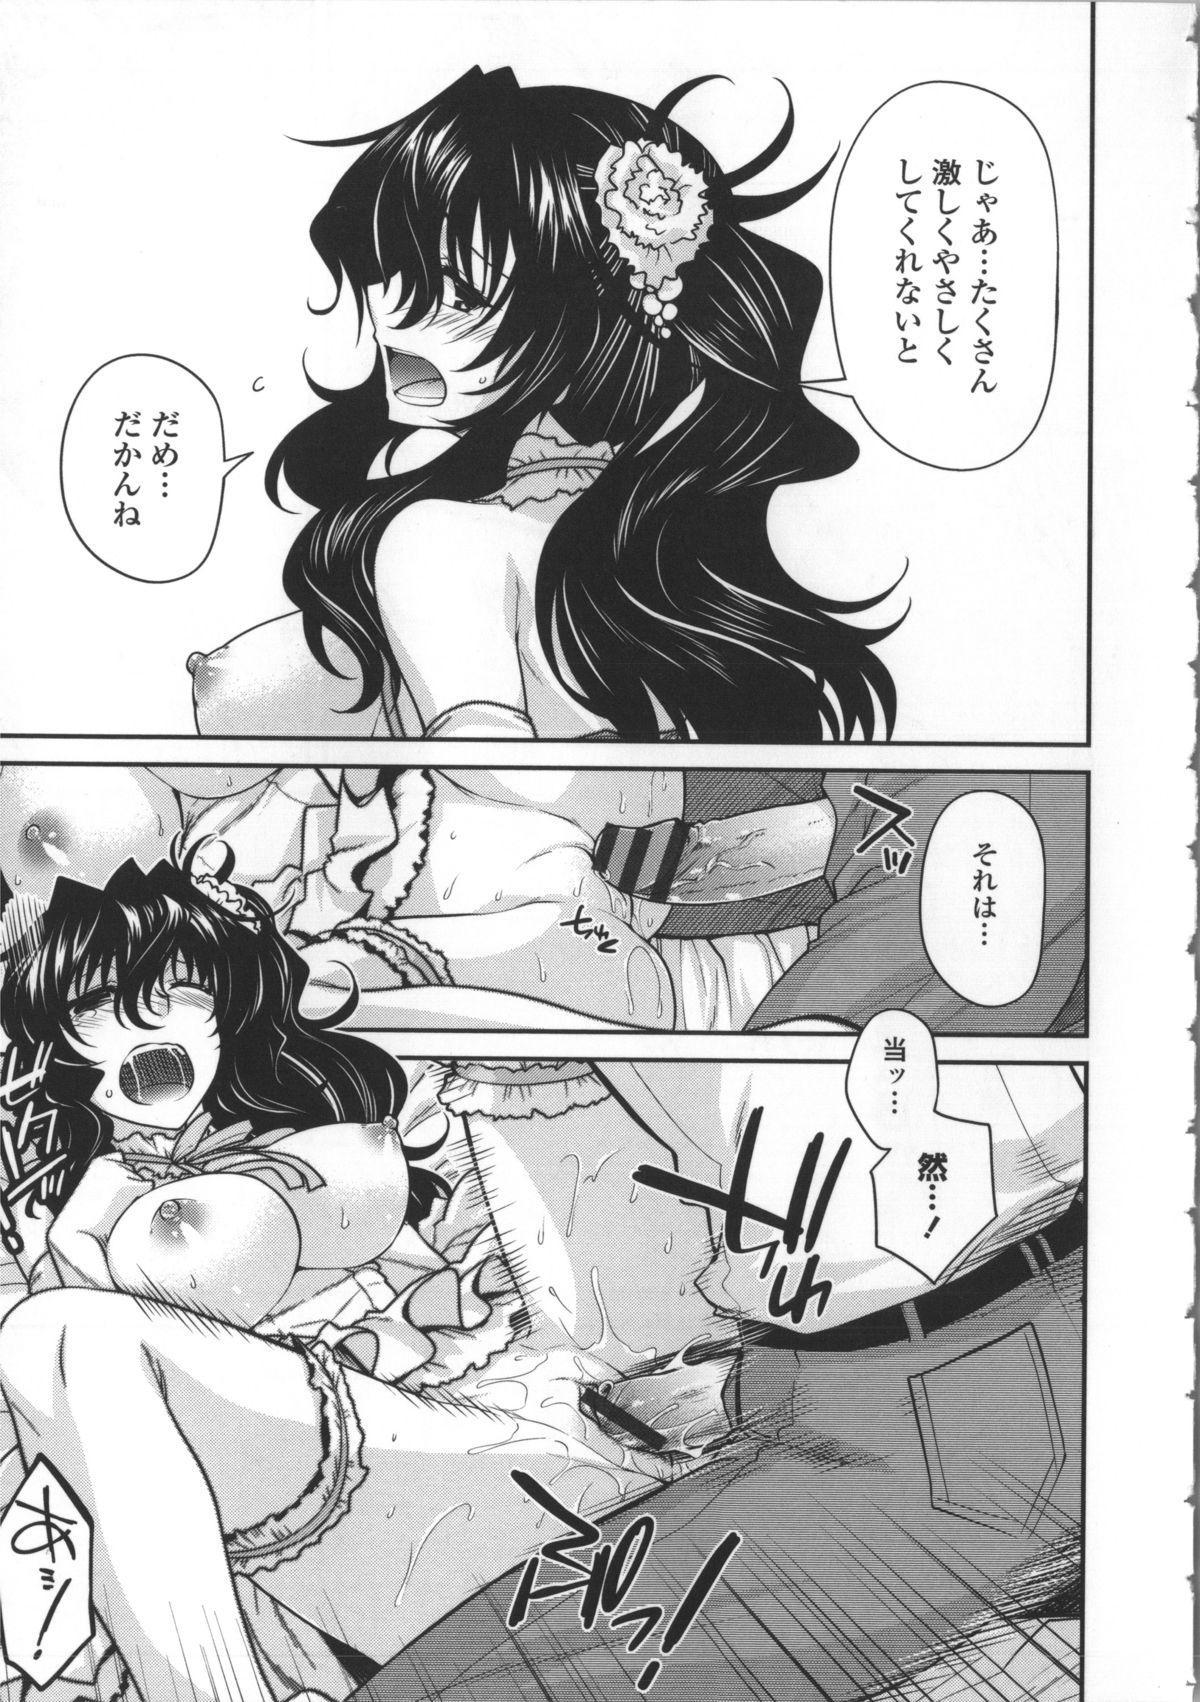 Yamato Nadeshiko Breast Changes 170